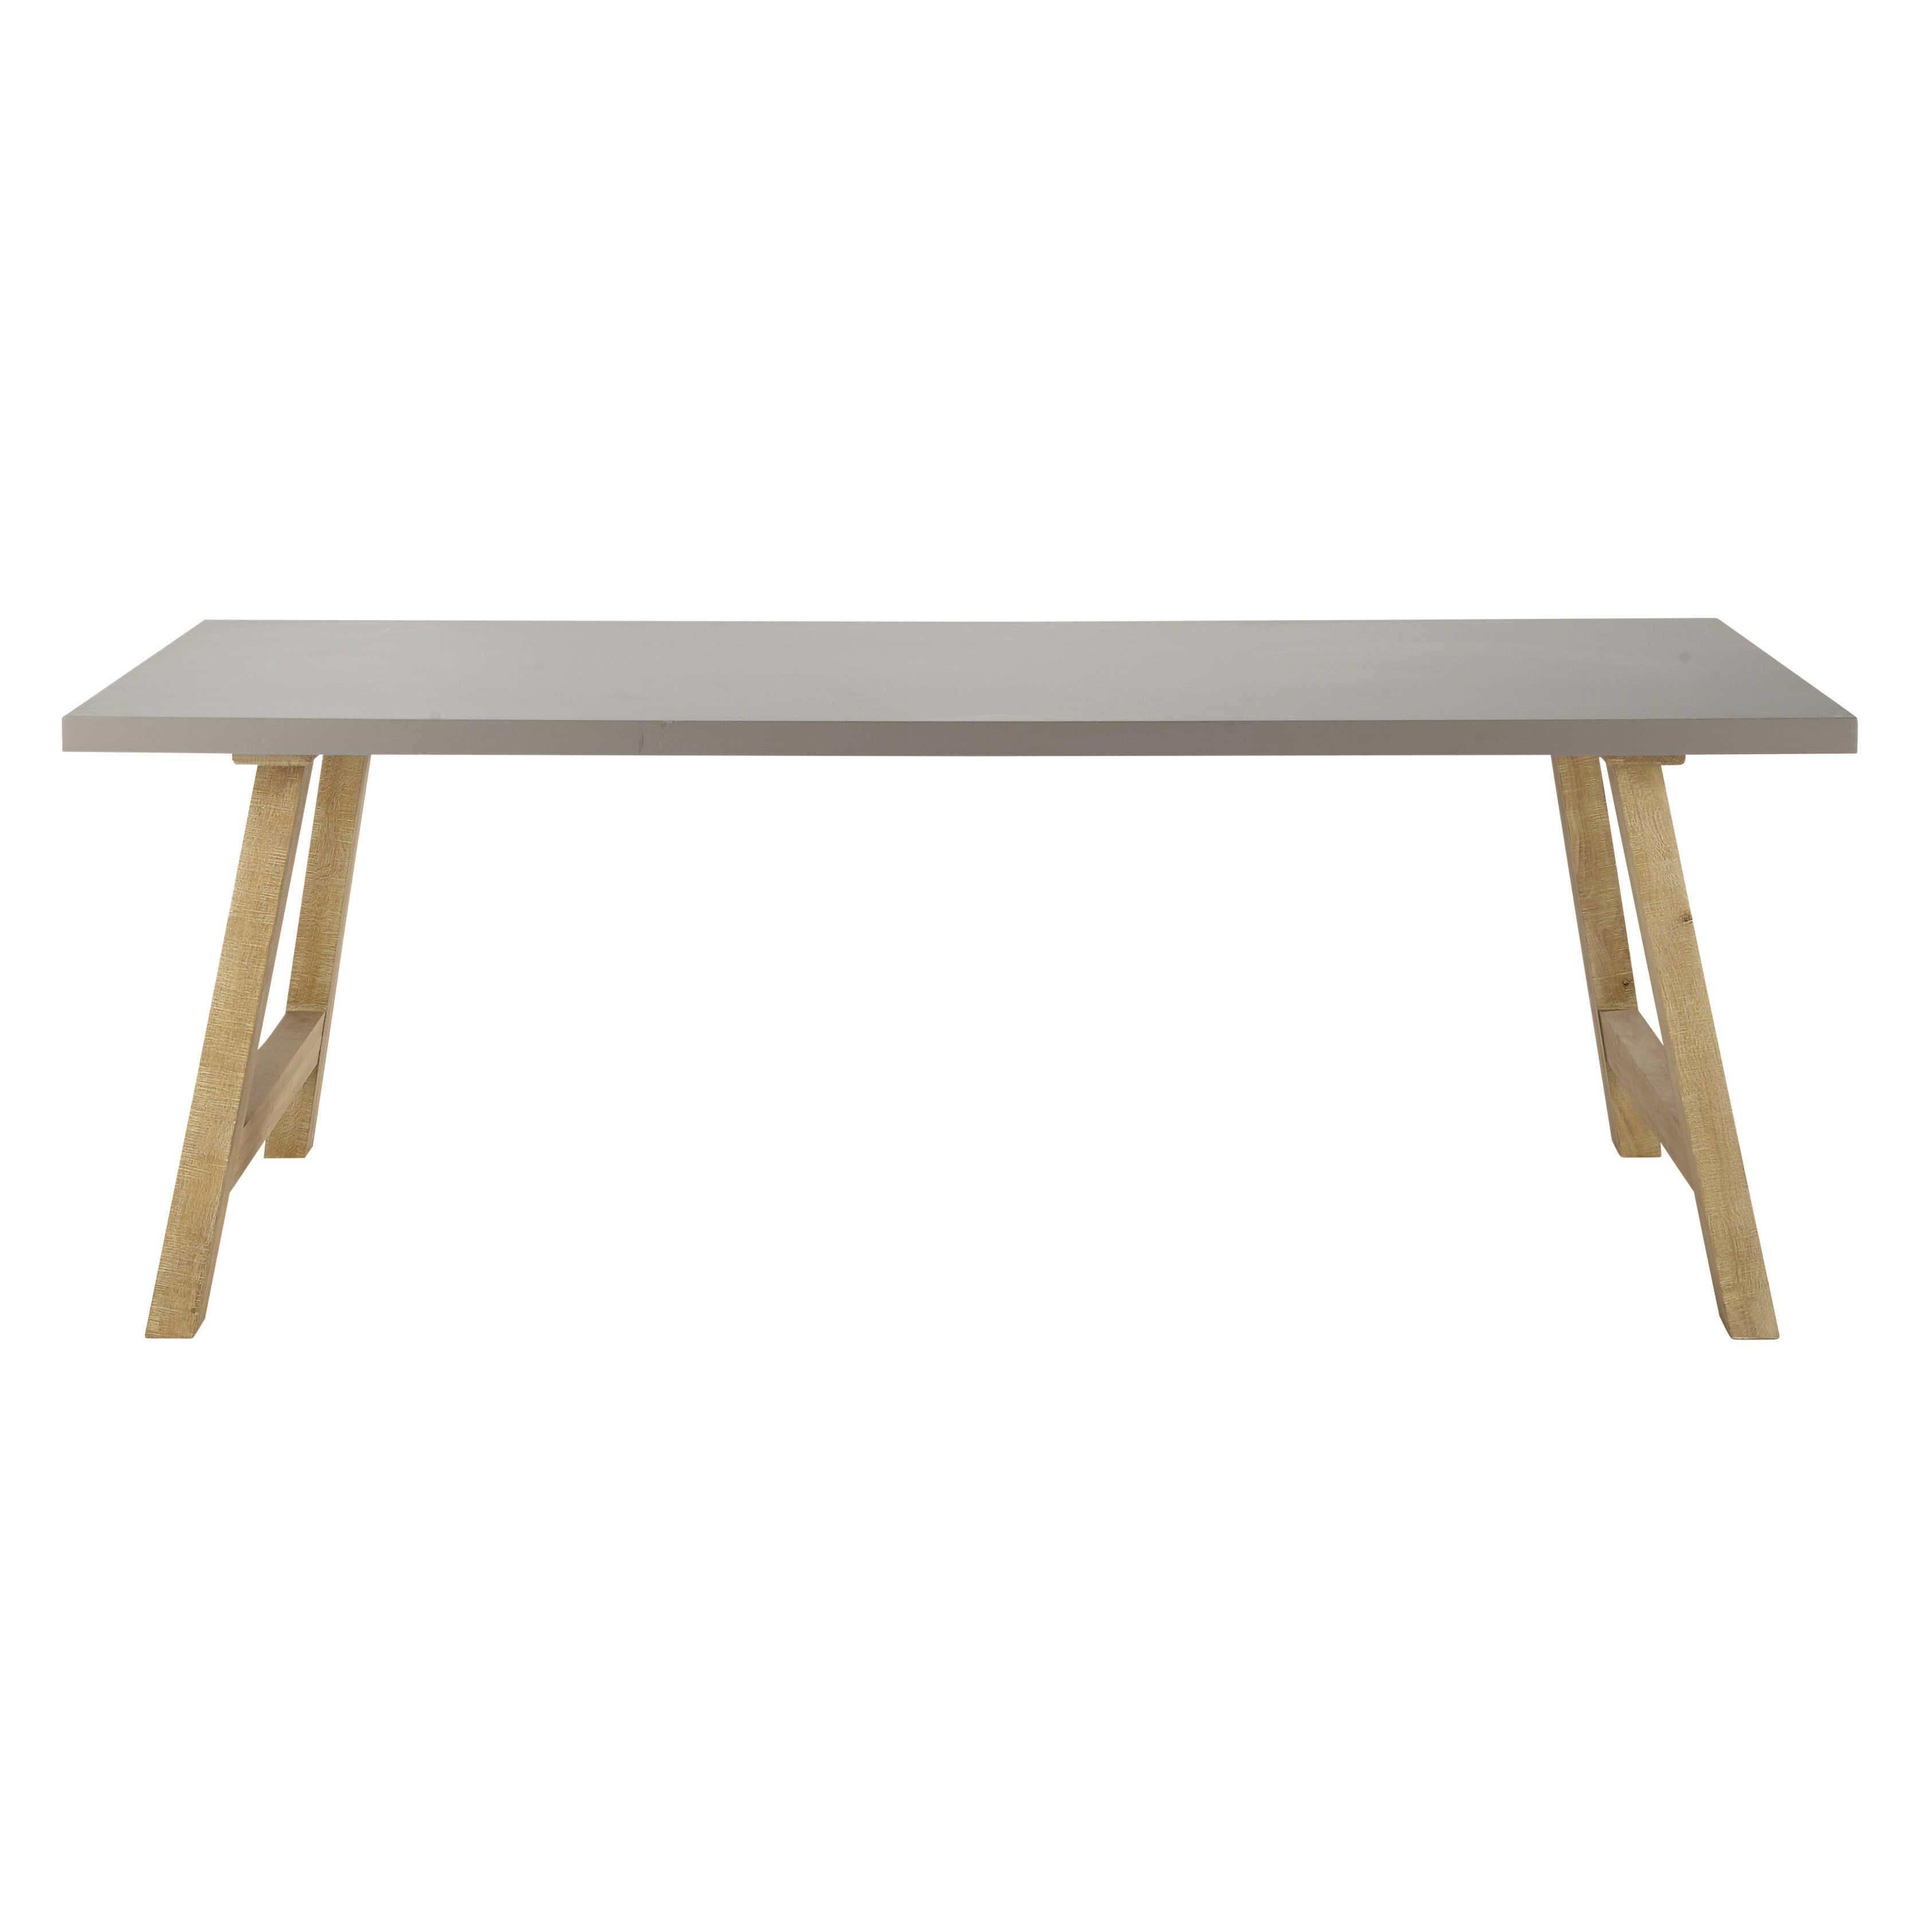 table de salle manger en bois effet bton cir l 220 cm vermont